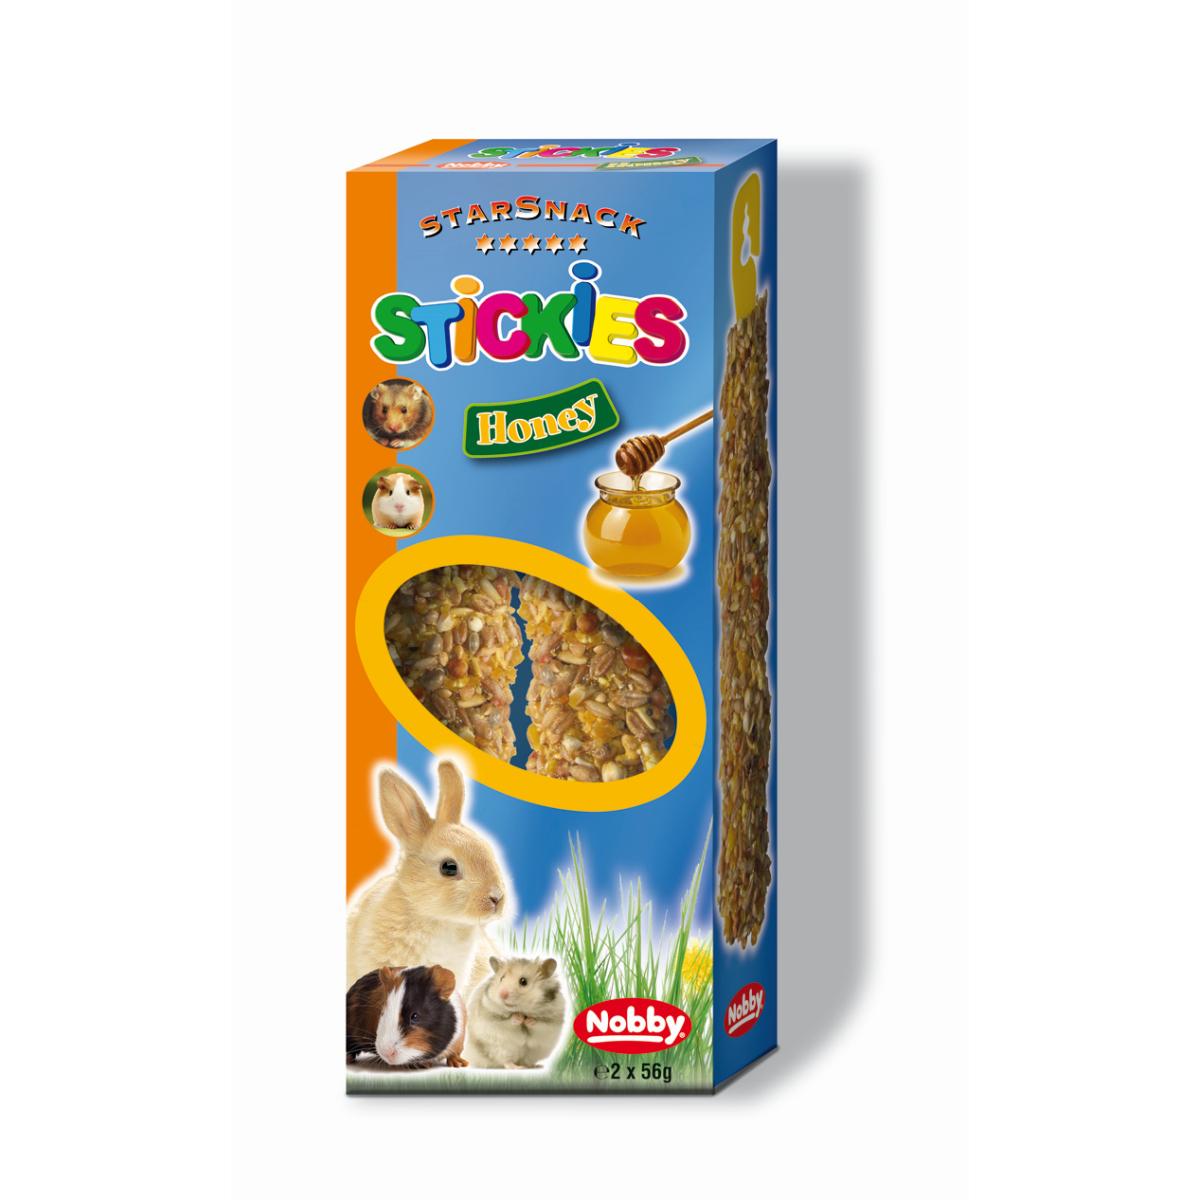 Nobby - stickies meerkleurig 2 x 56 gr